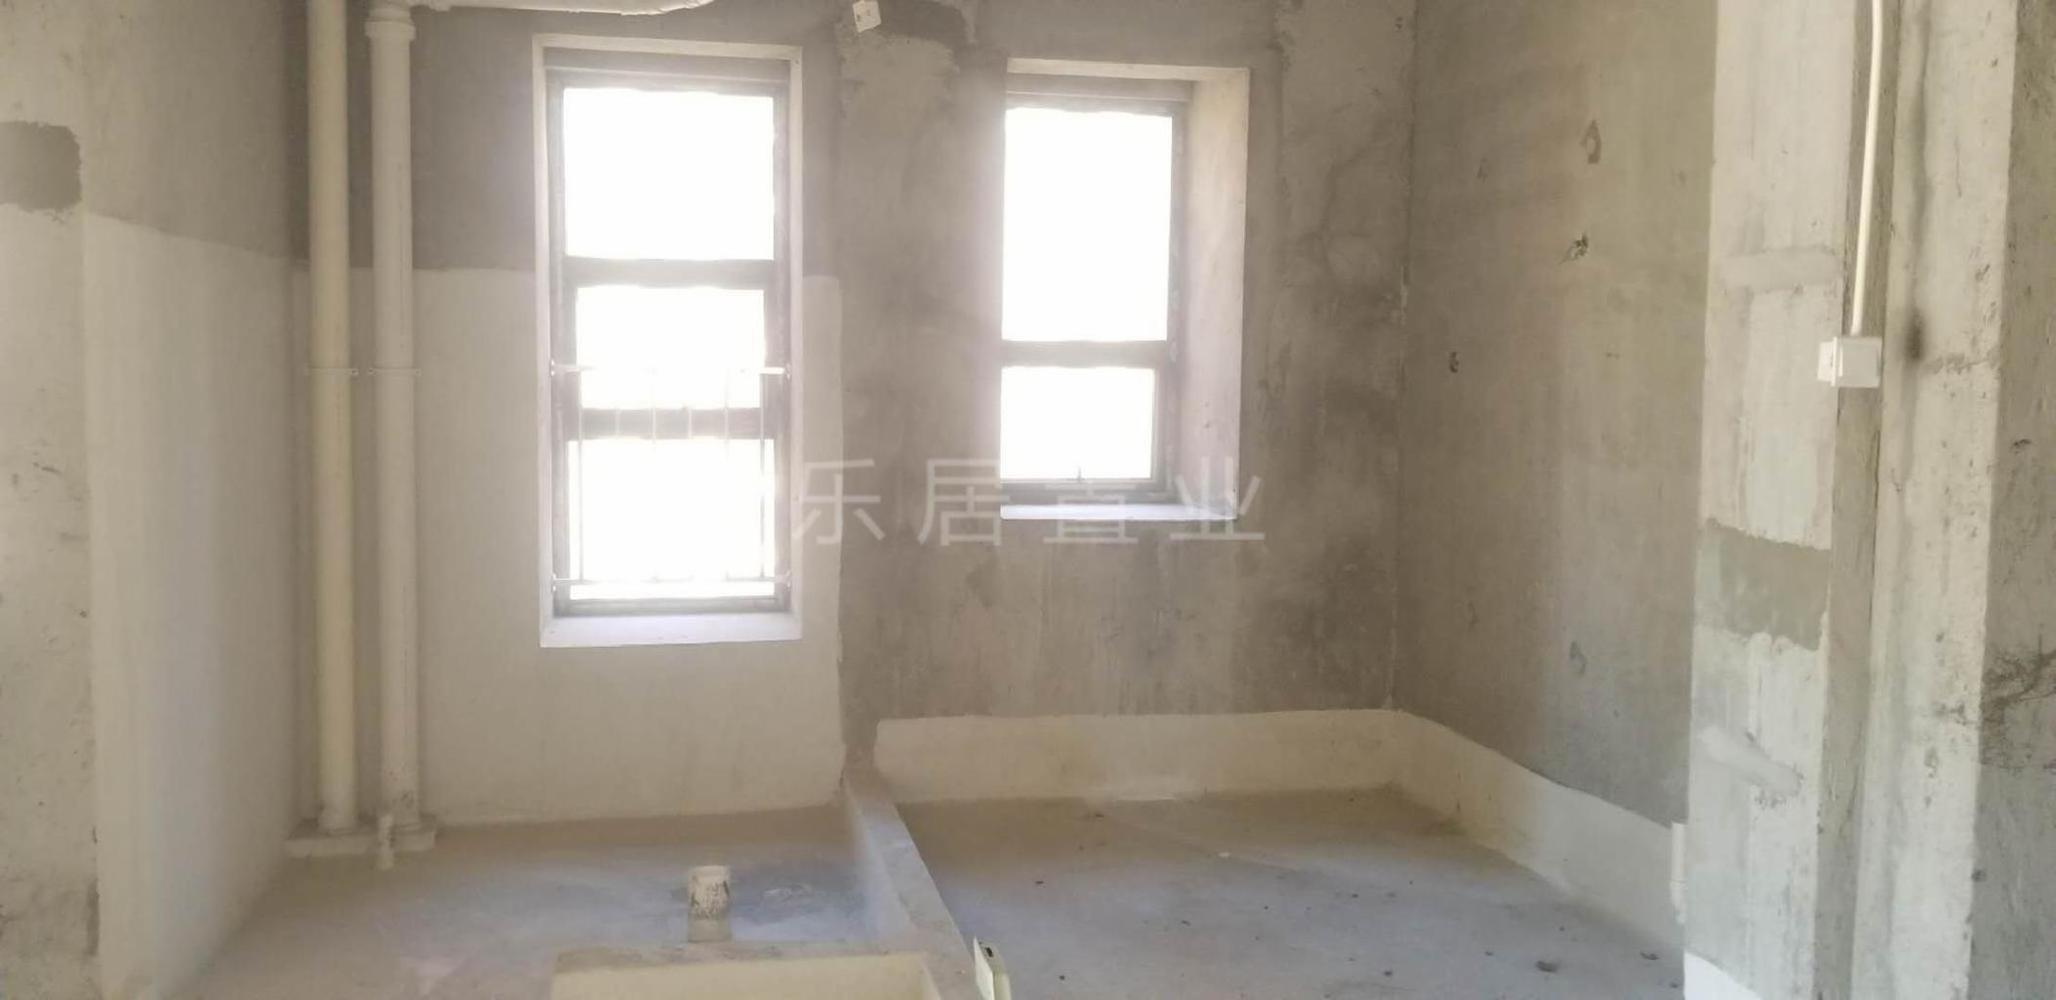 高层新房源,房东诚意出售,仅售49万